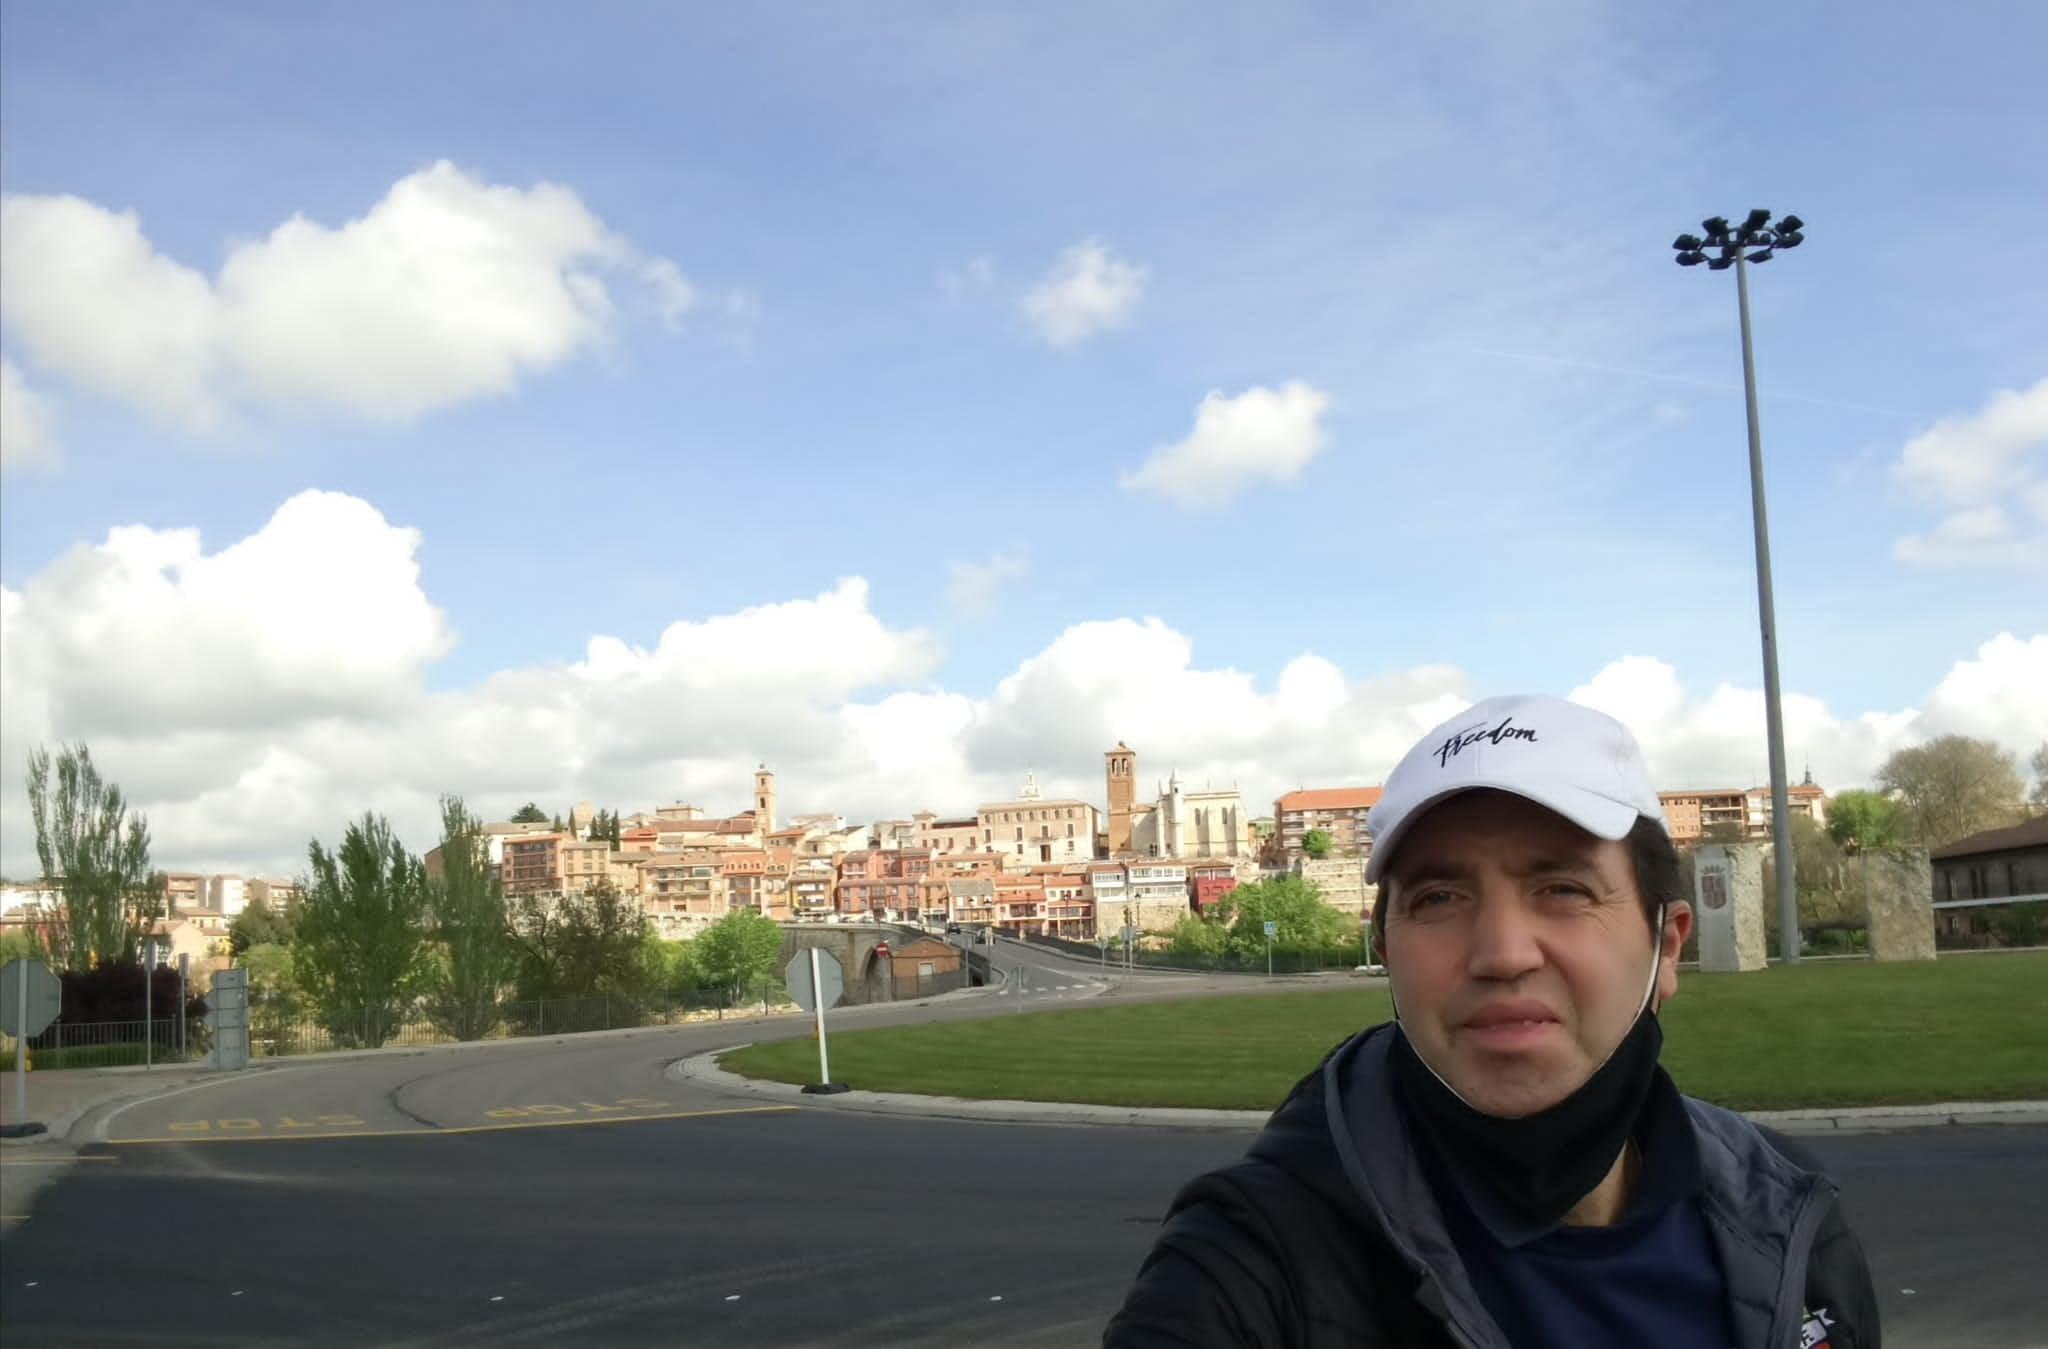 Viernes de ruta con nuestro programa de Diputación Provincial de Valladolid, hoy en Tordesillas, un bello municipio y con mucha historia.